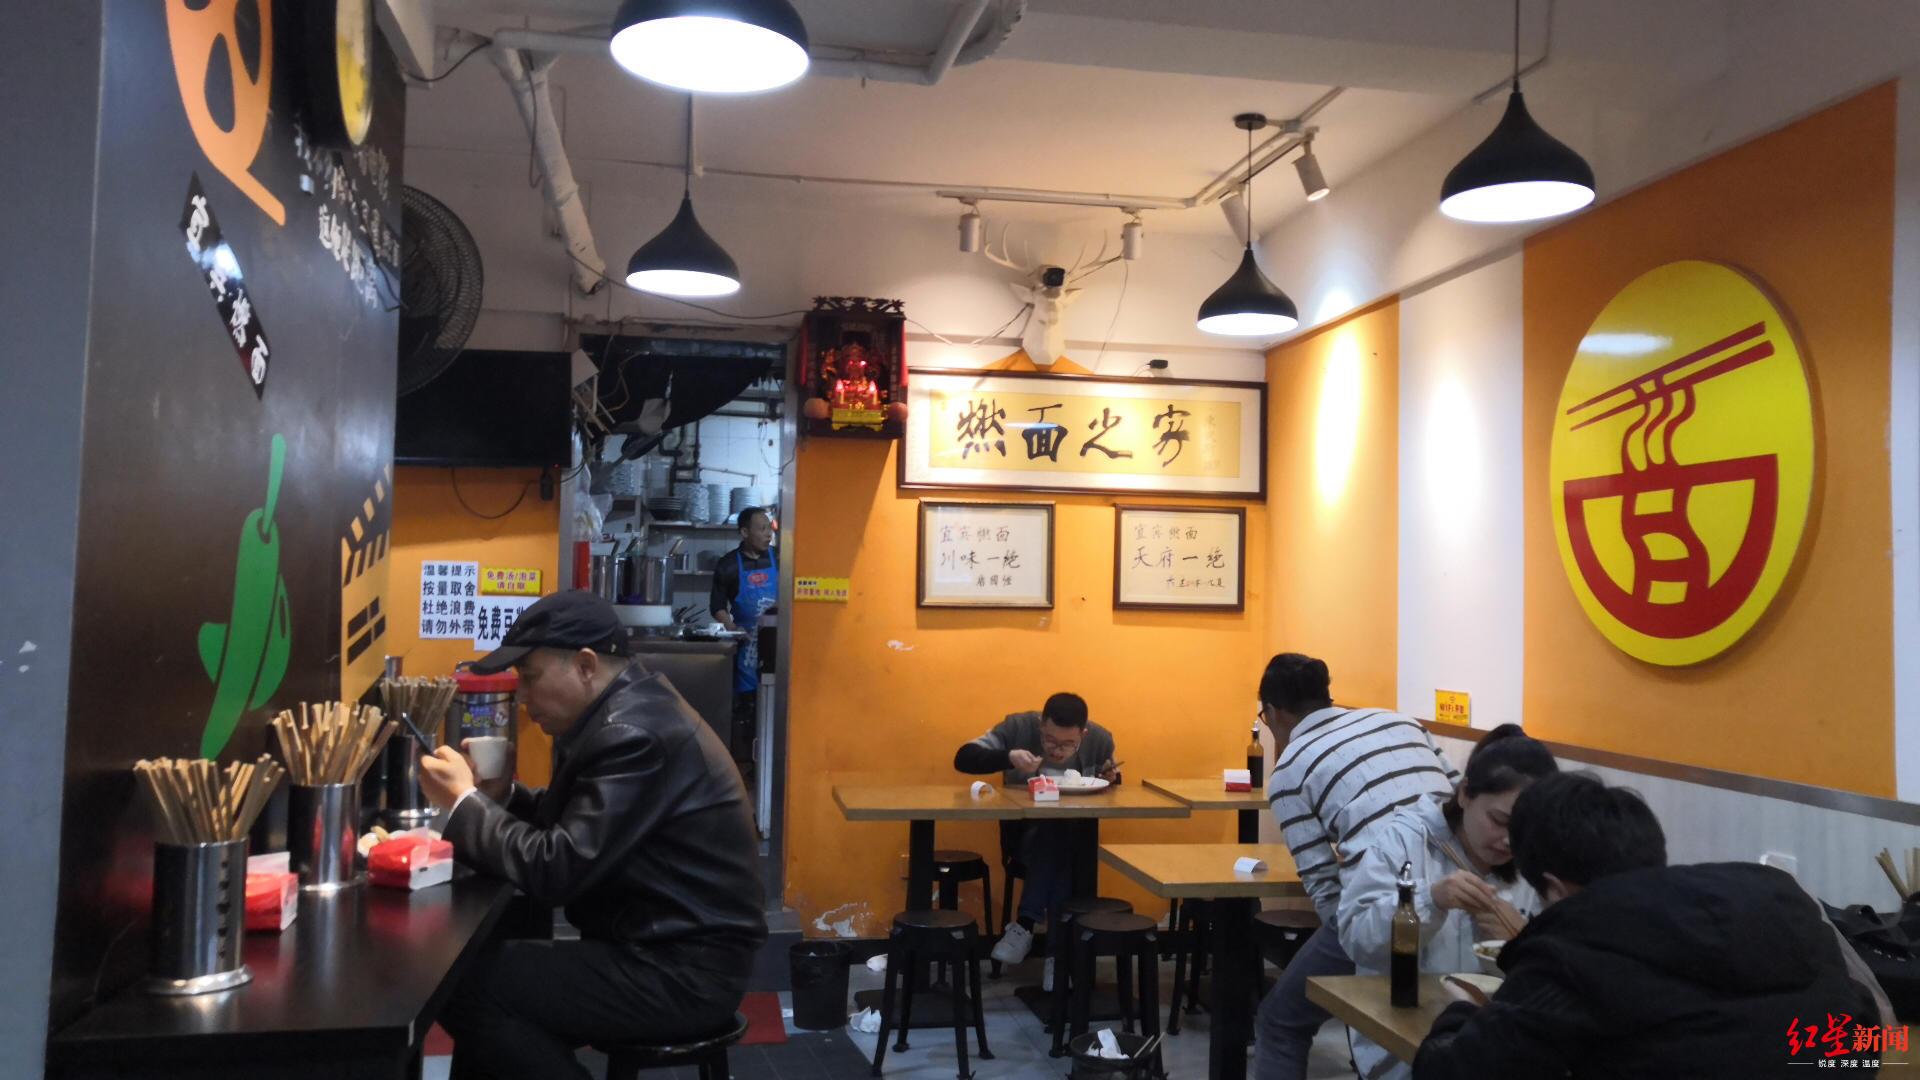 永利真人ag,新安江畔,越抖越嗨,17℃抖音已于昨日开战!